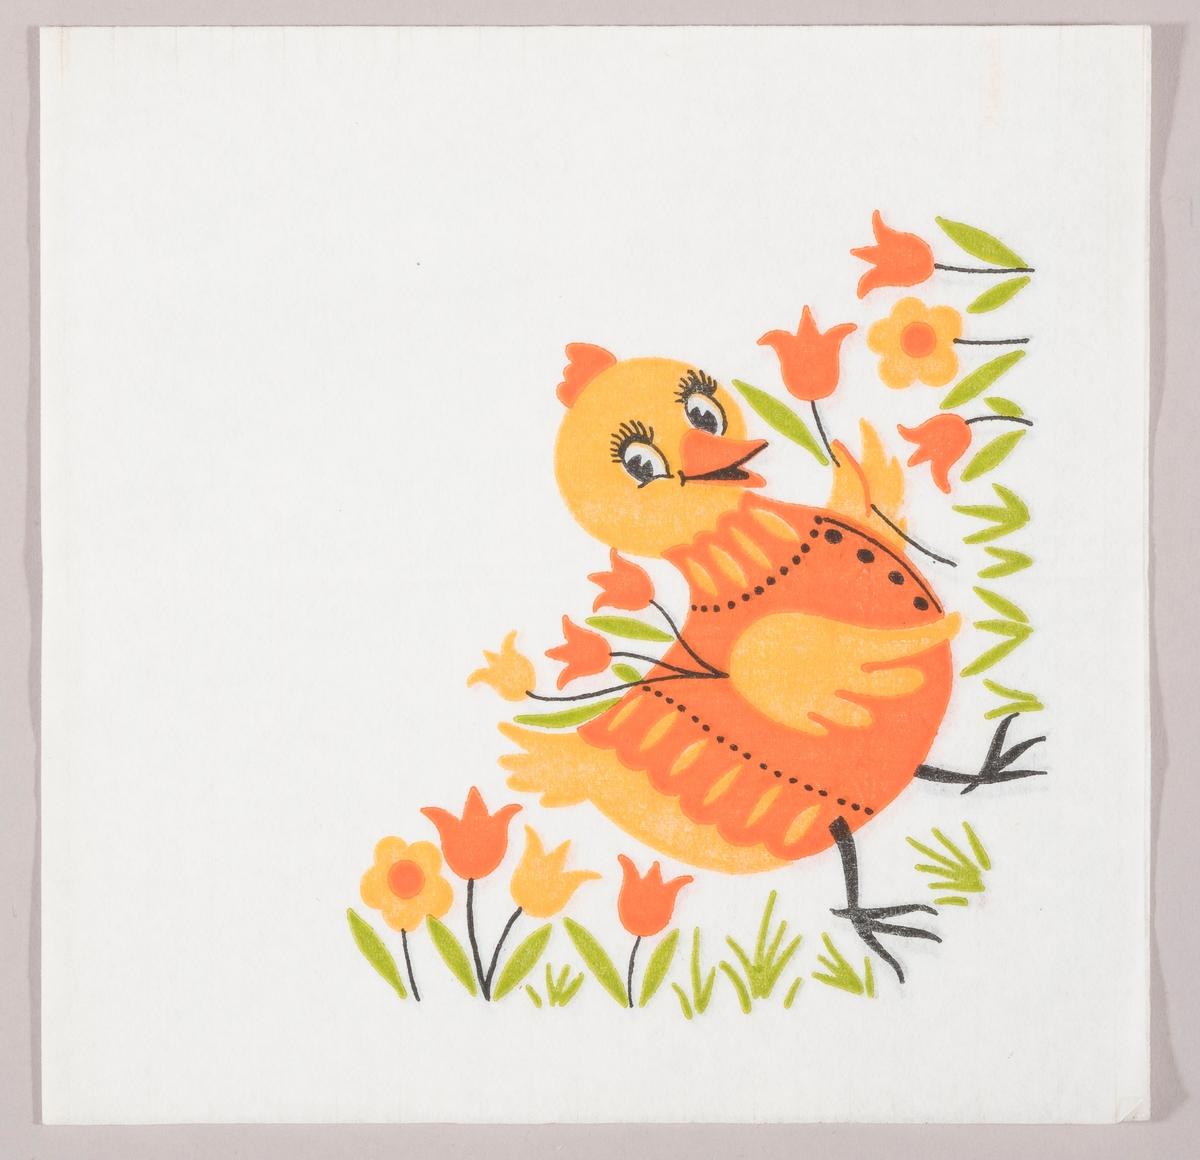 En høne med genser holder tulipaner med vingene mens hun går mellom gress, tulipaner og blomster.